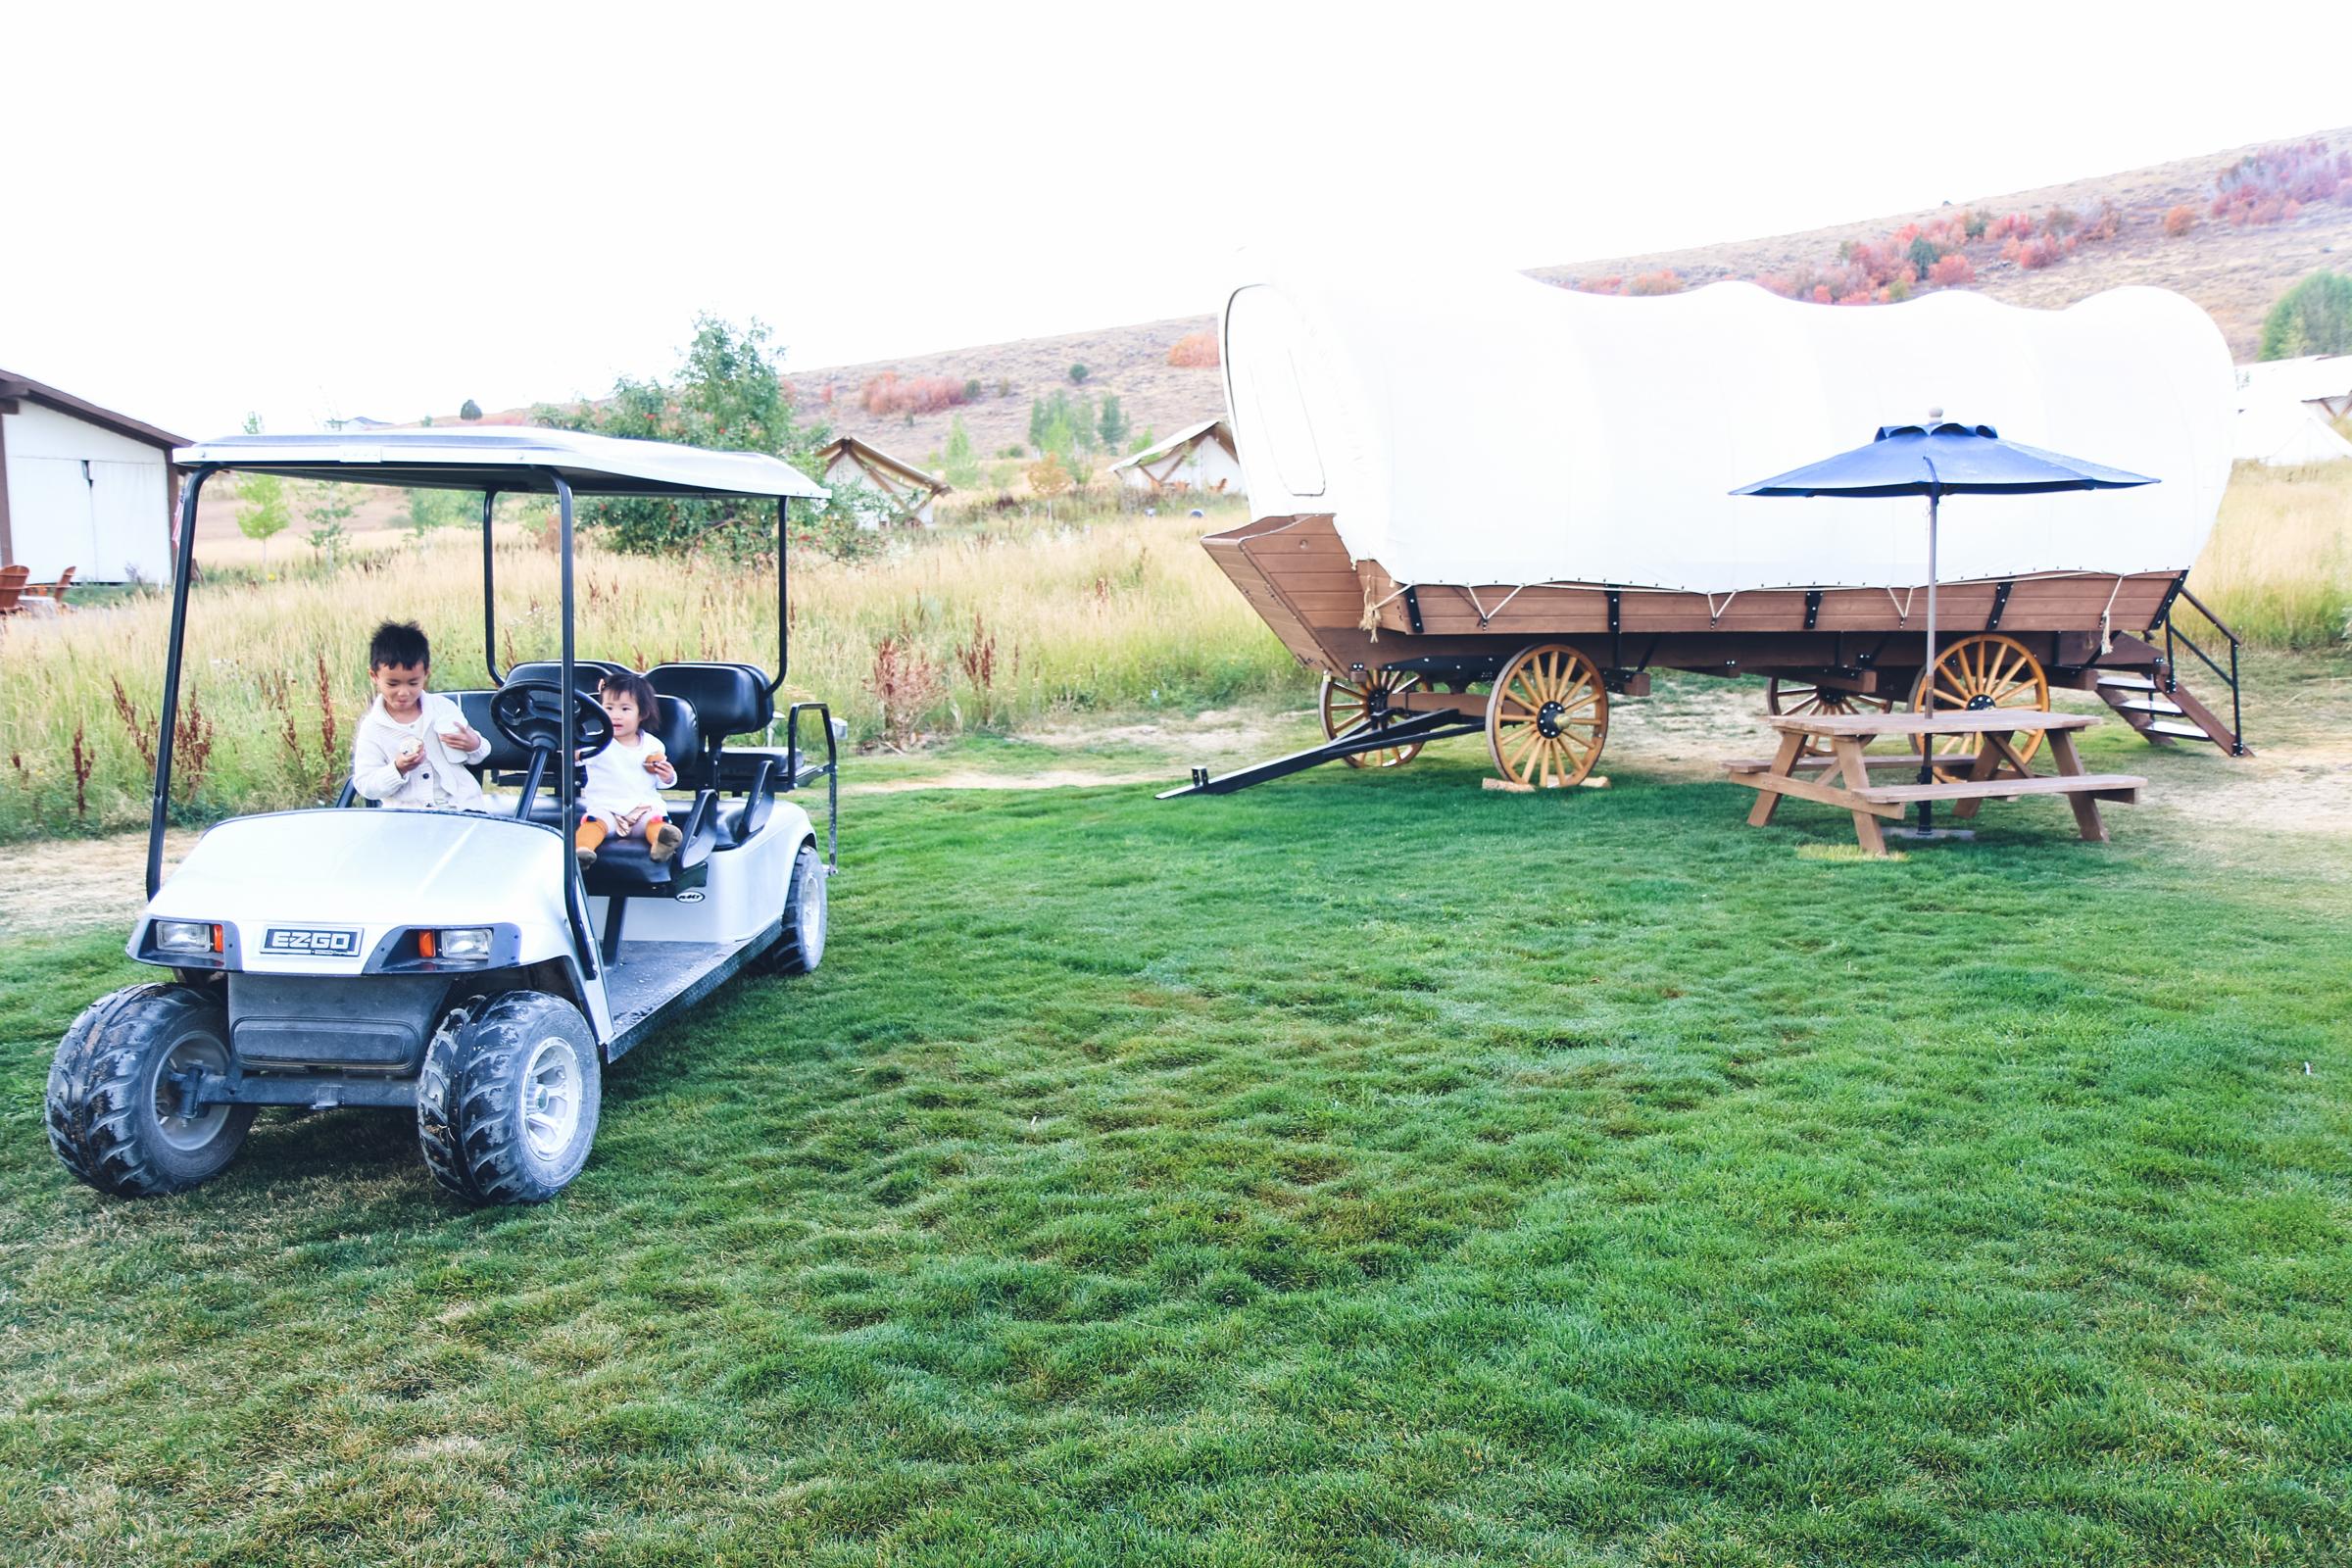 Covered Wagon at Conestoga Ranch